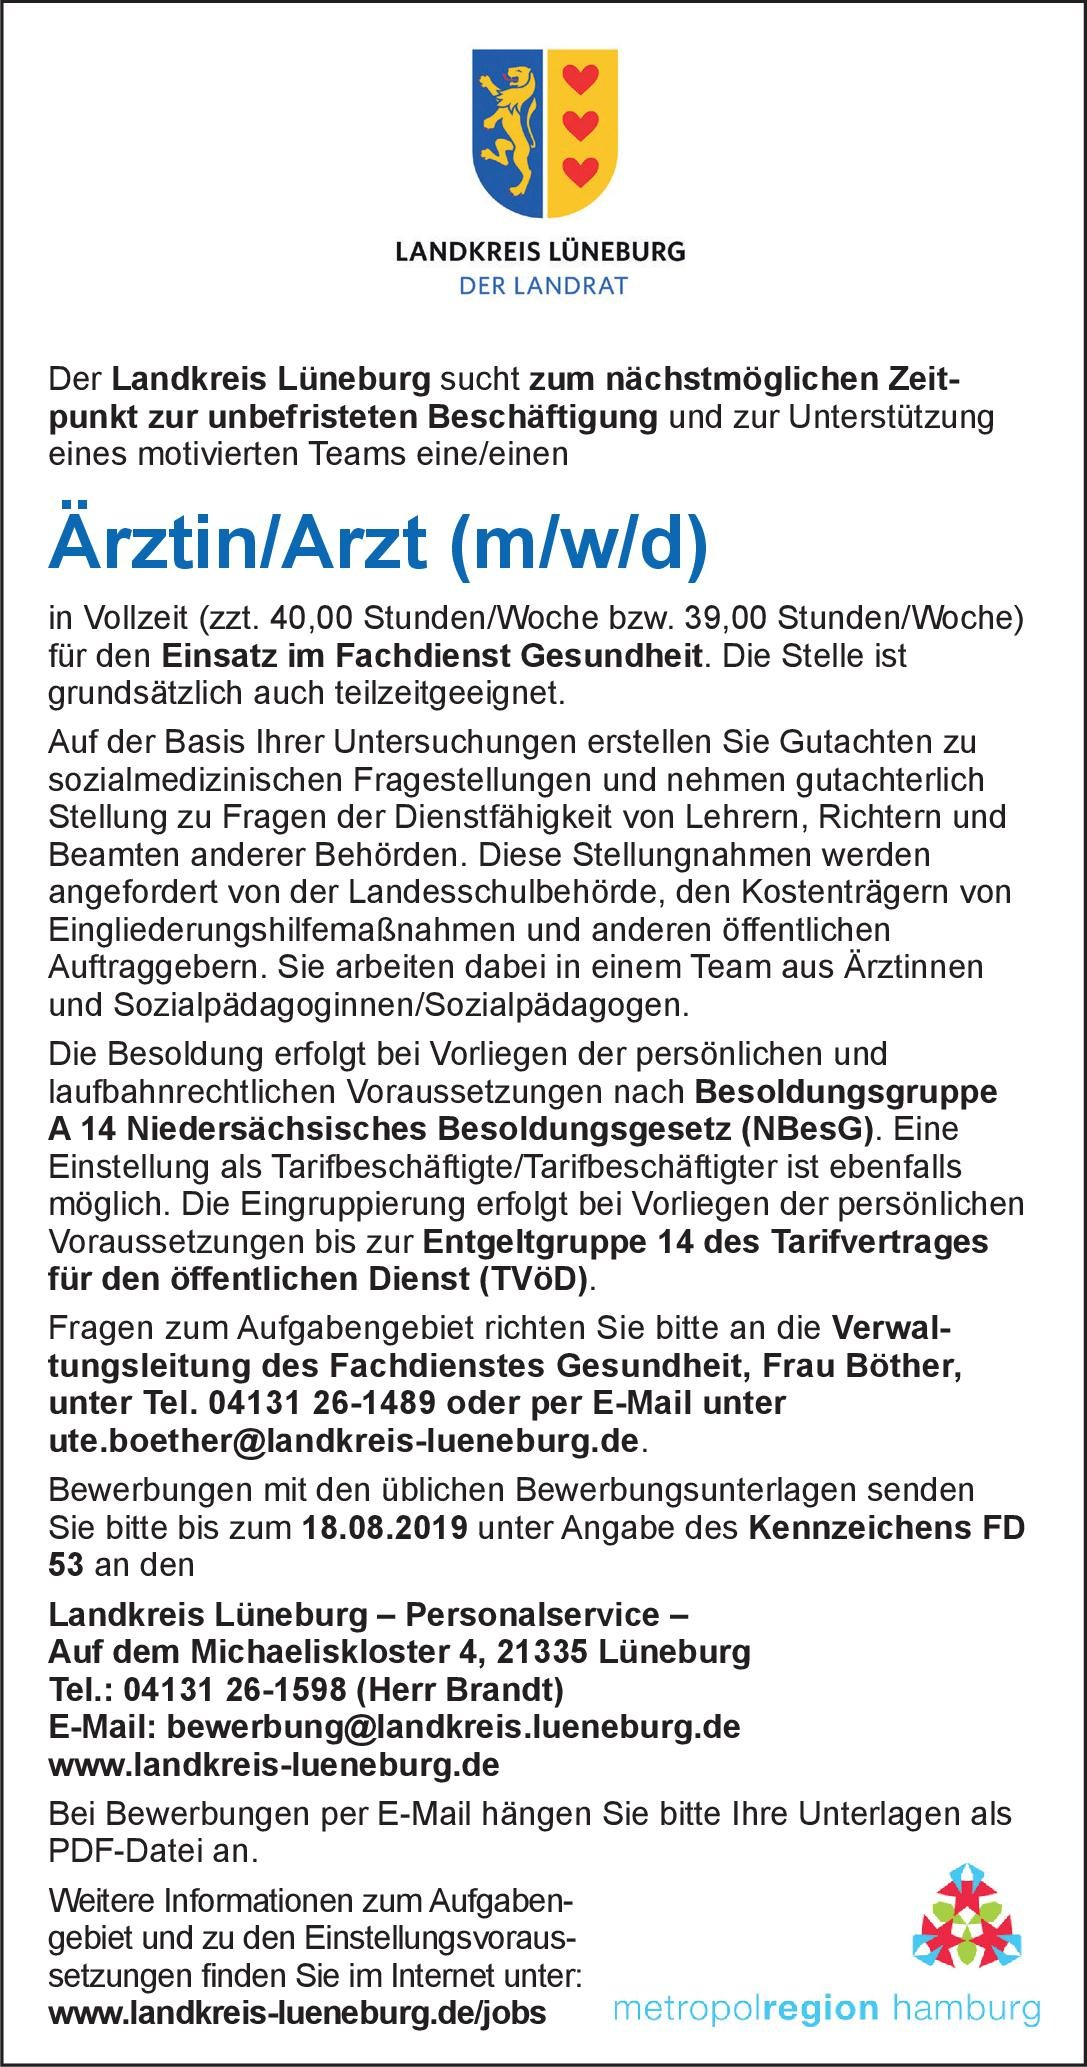 Landkreis Lüneburg Ärztin/Arzt (m/w/d) Fachdienst Gesundheit Öffentliches Gesundheitswesen Arzt / Facharzt